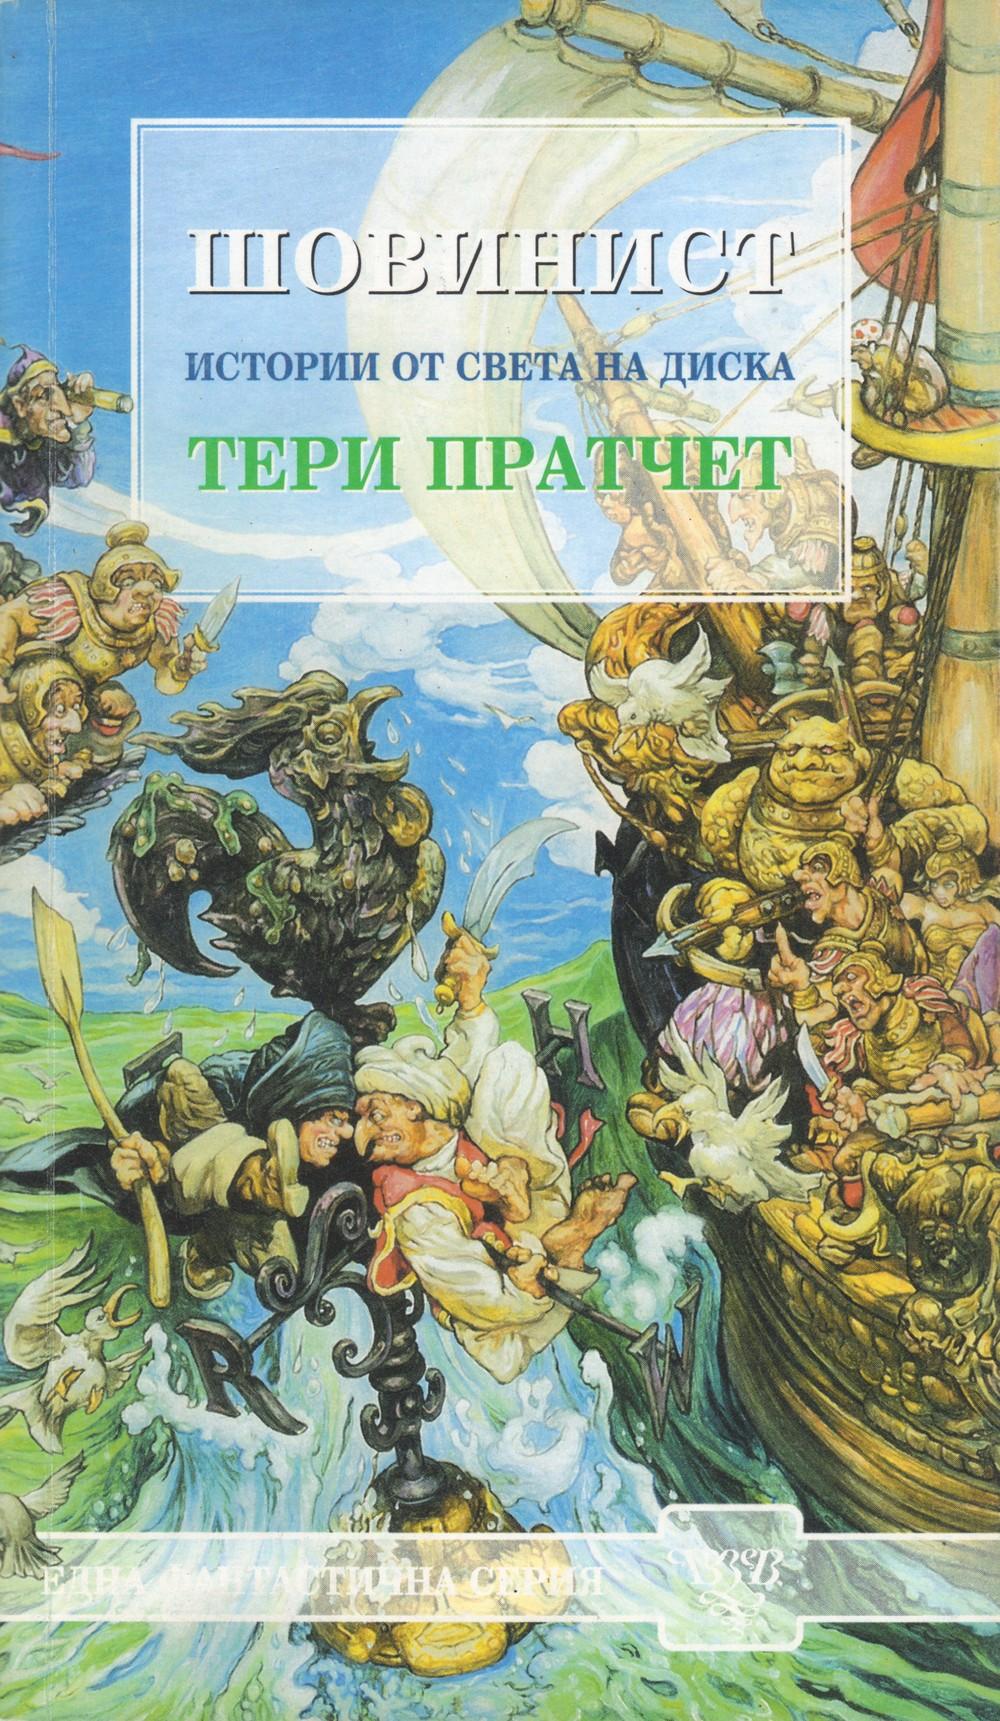 Шовинист (Истории от Света на диска 21)